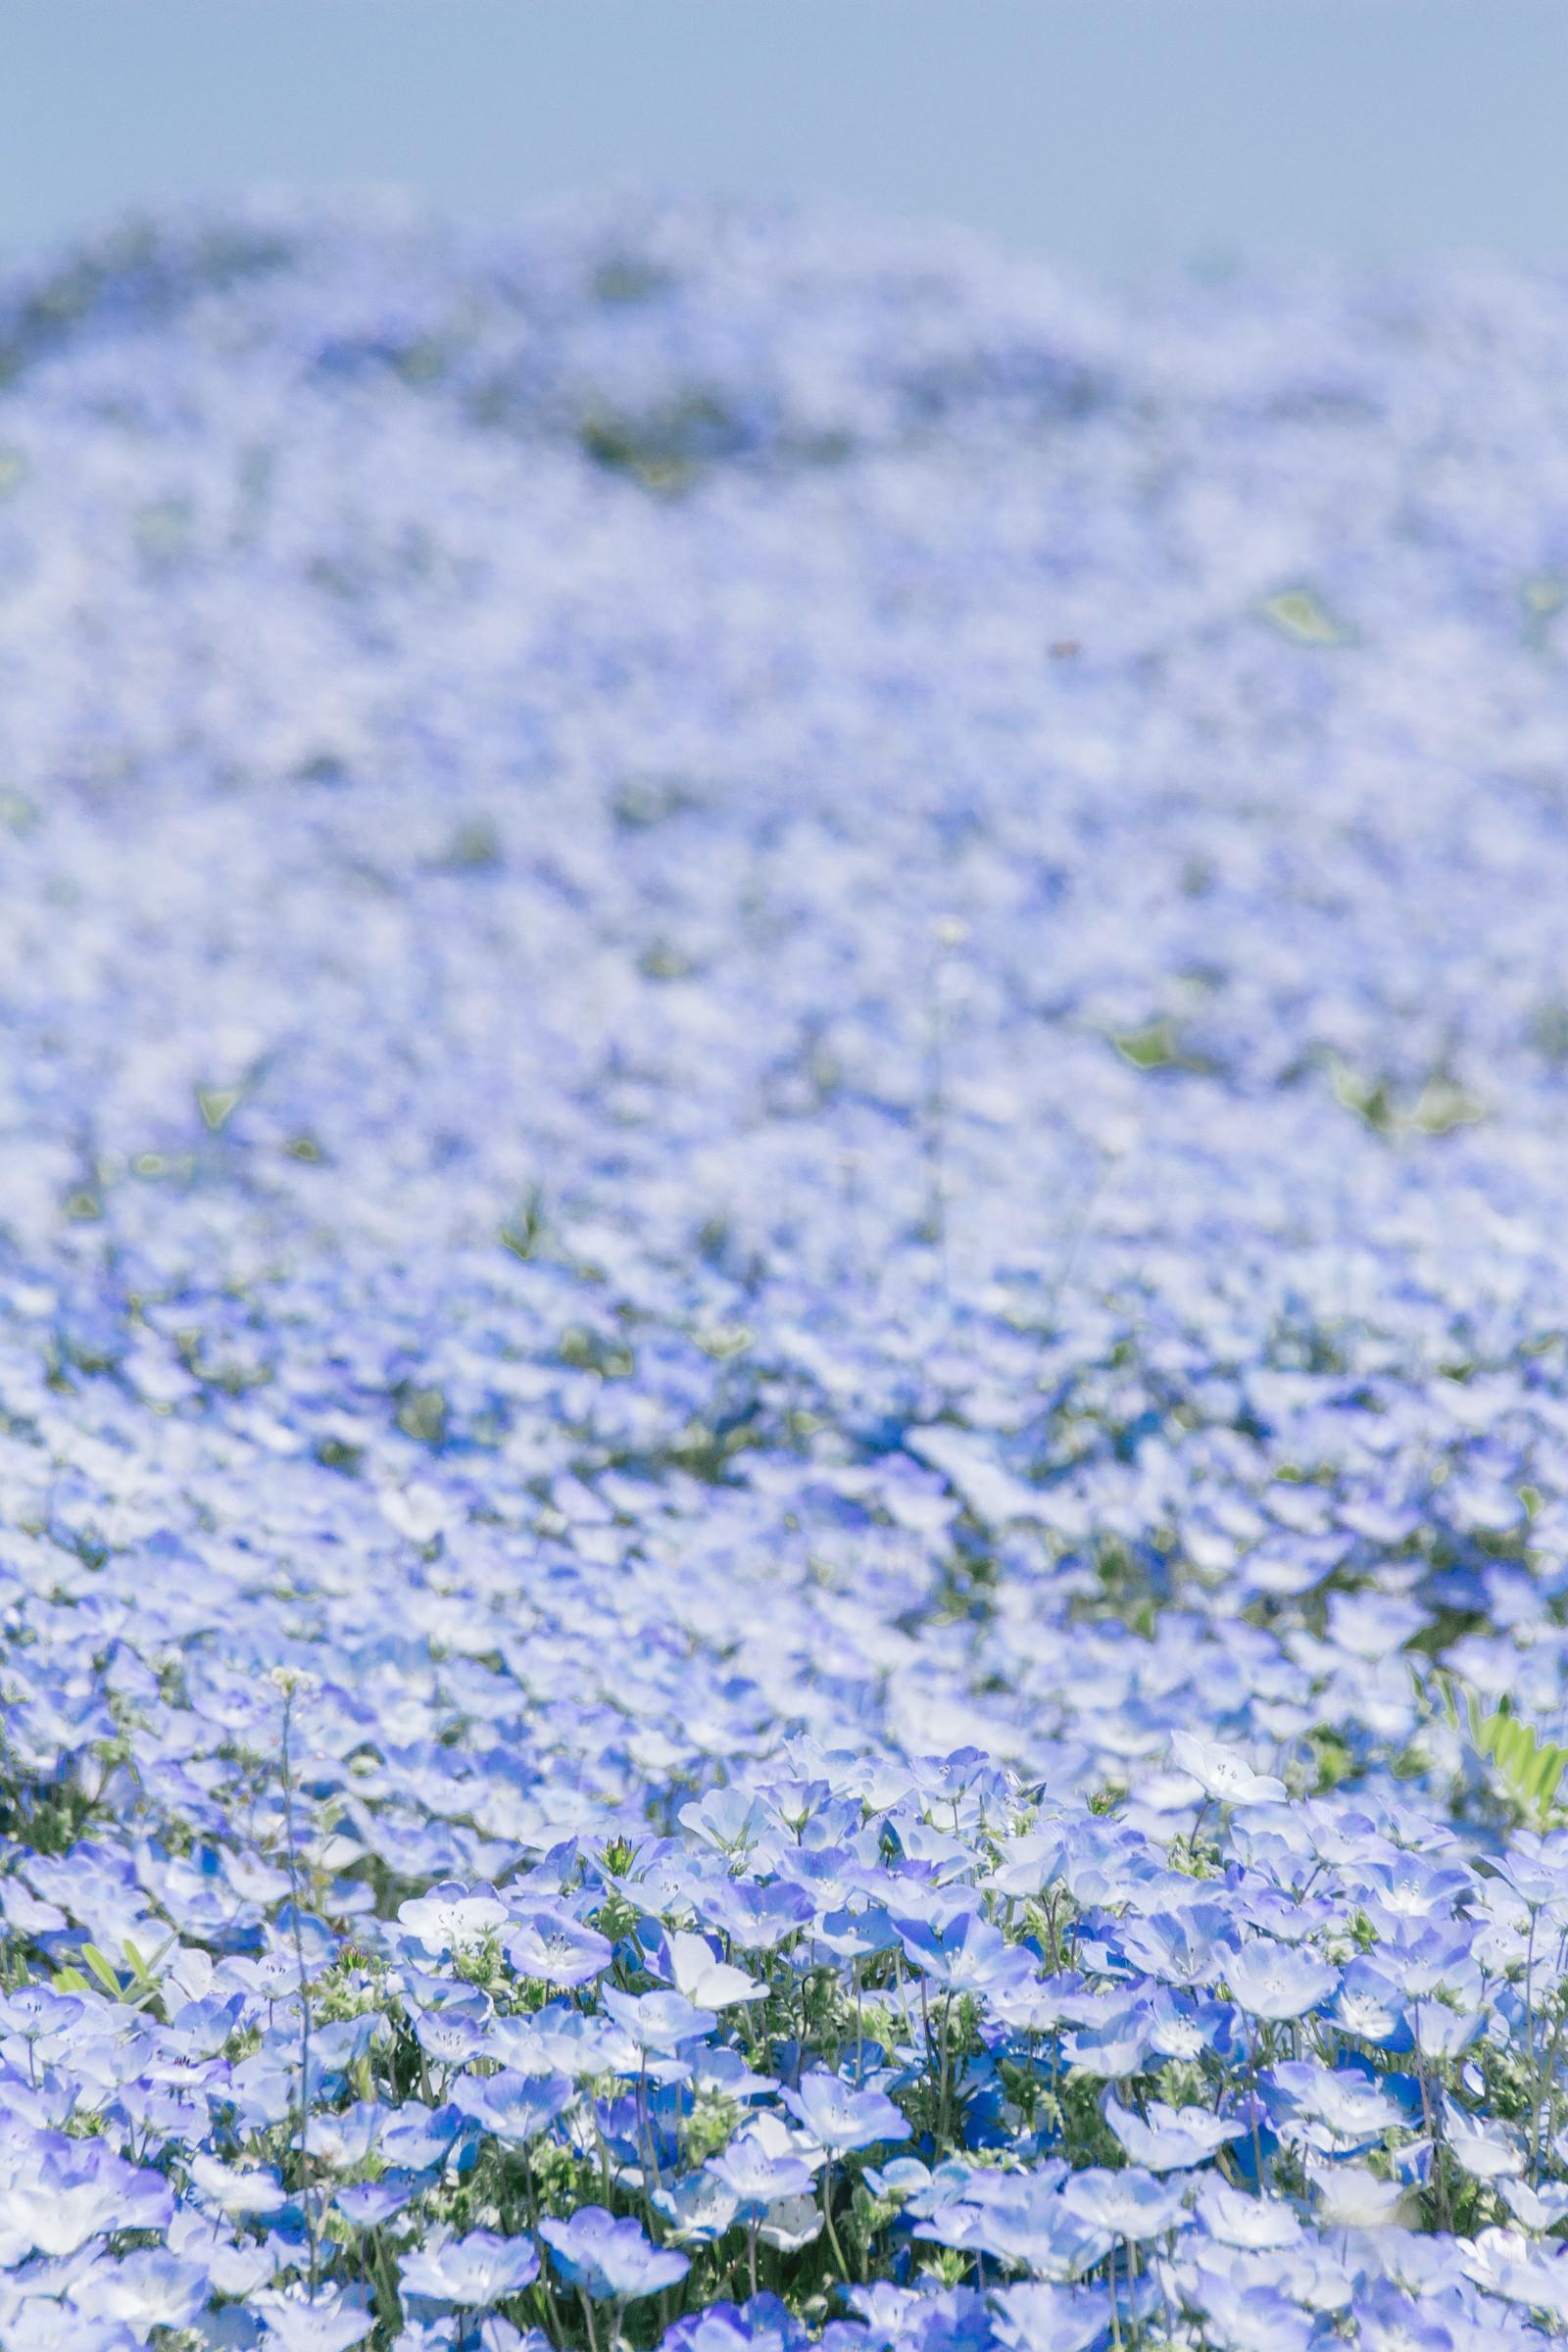 一面のネモフィラ畑 無料の写真素材はフリー素材のぱくたそ